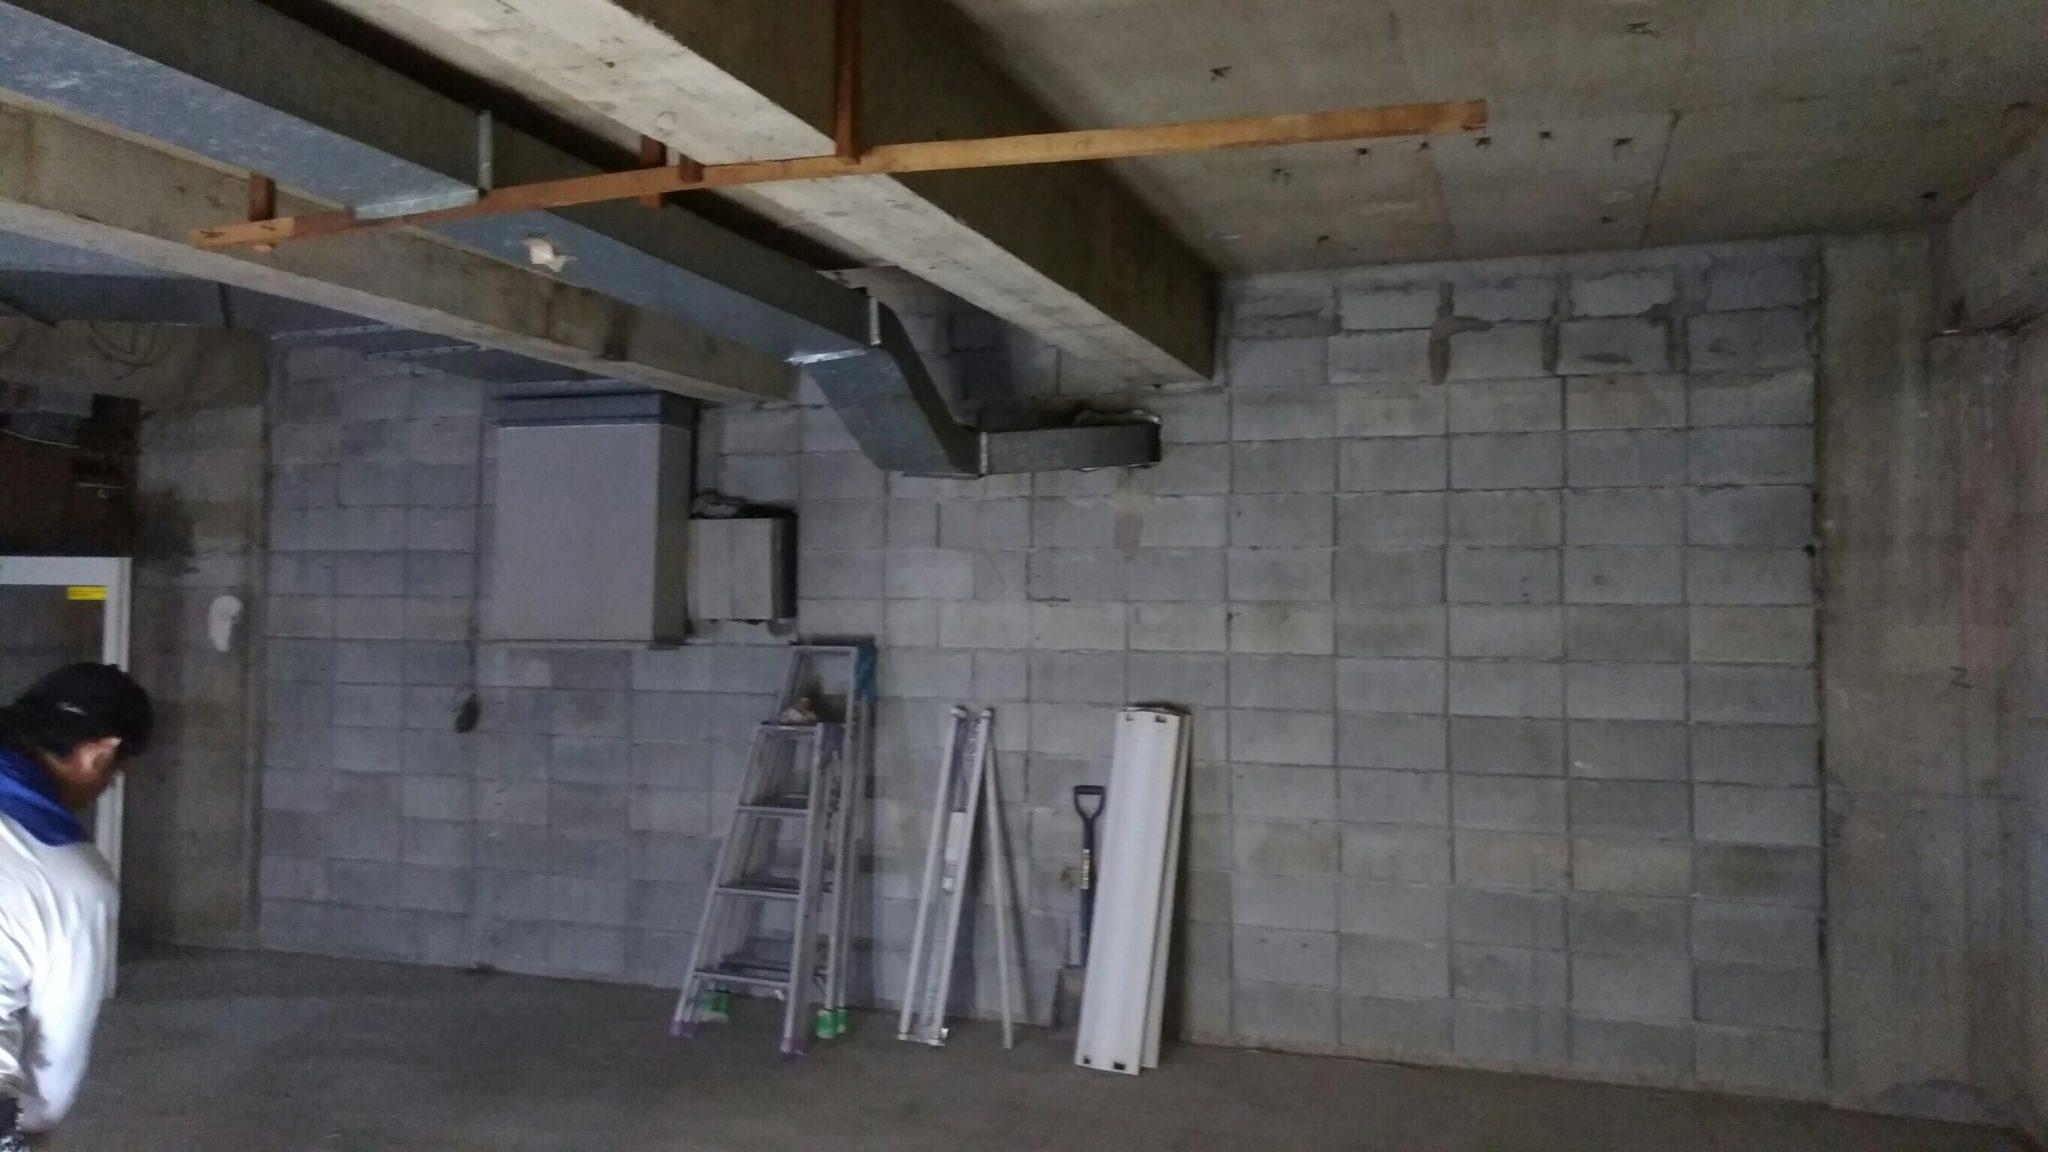 解体工事はじまりました   HIGH END    DESIGN   HOUSE /RENOVATION/SHOP ...